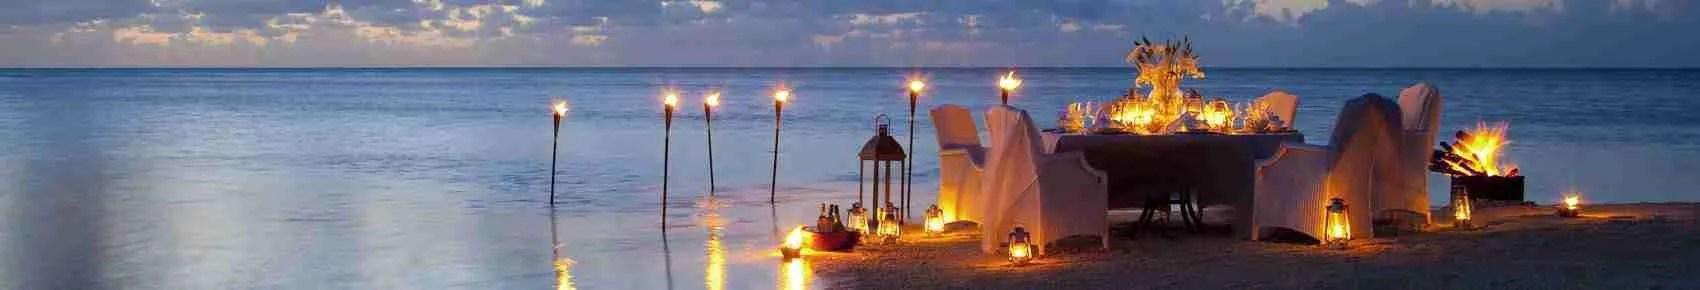 Una cena romantica in Polesine con una splendida escort Rovigo è ciò che di meglio tu possa augurarti.